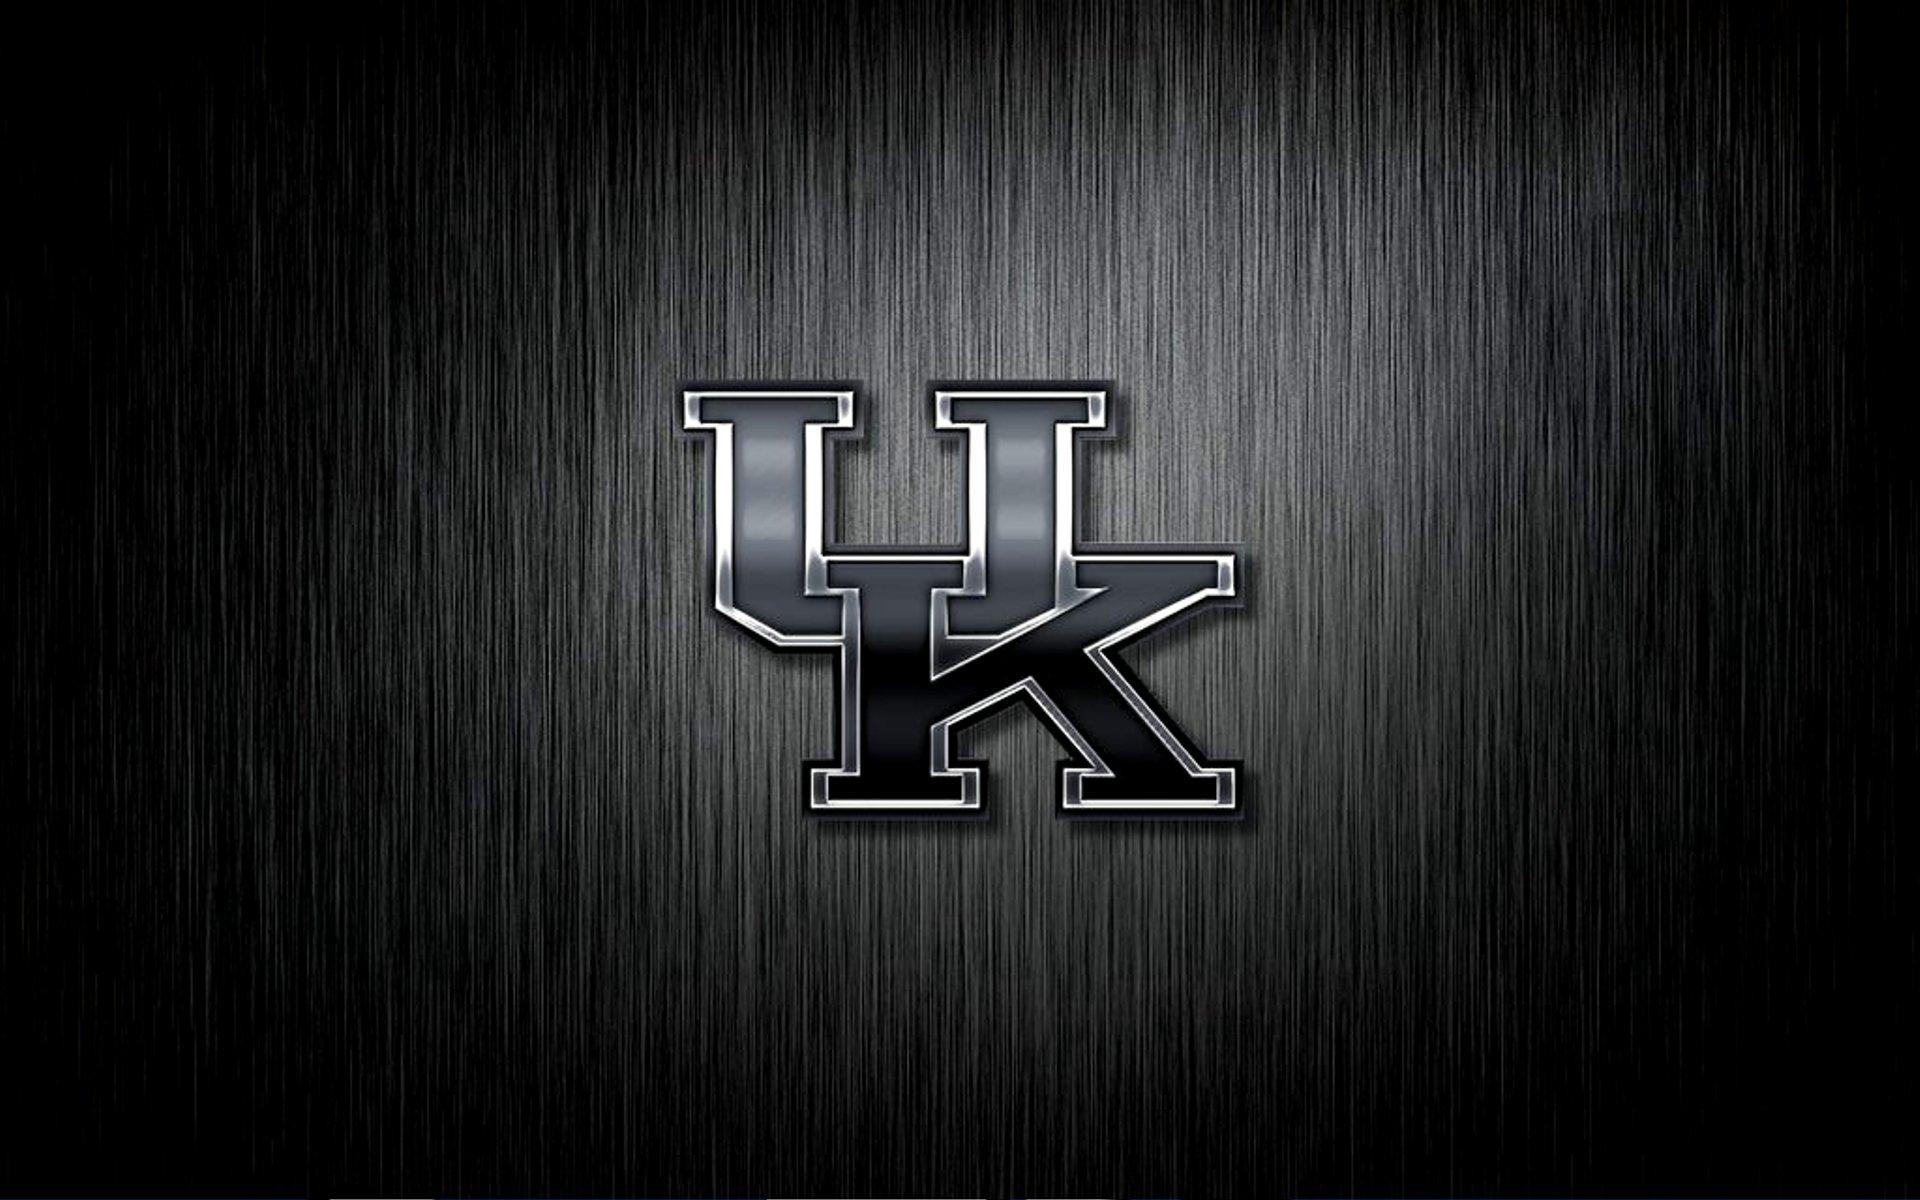 Kentucky Wildcats Wallpaper Basketball 2015 Kentucky Wildcats 1920x1200